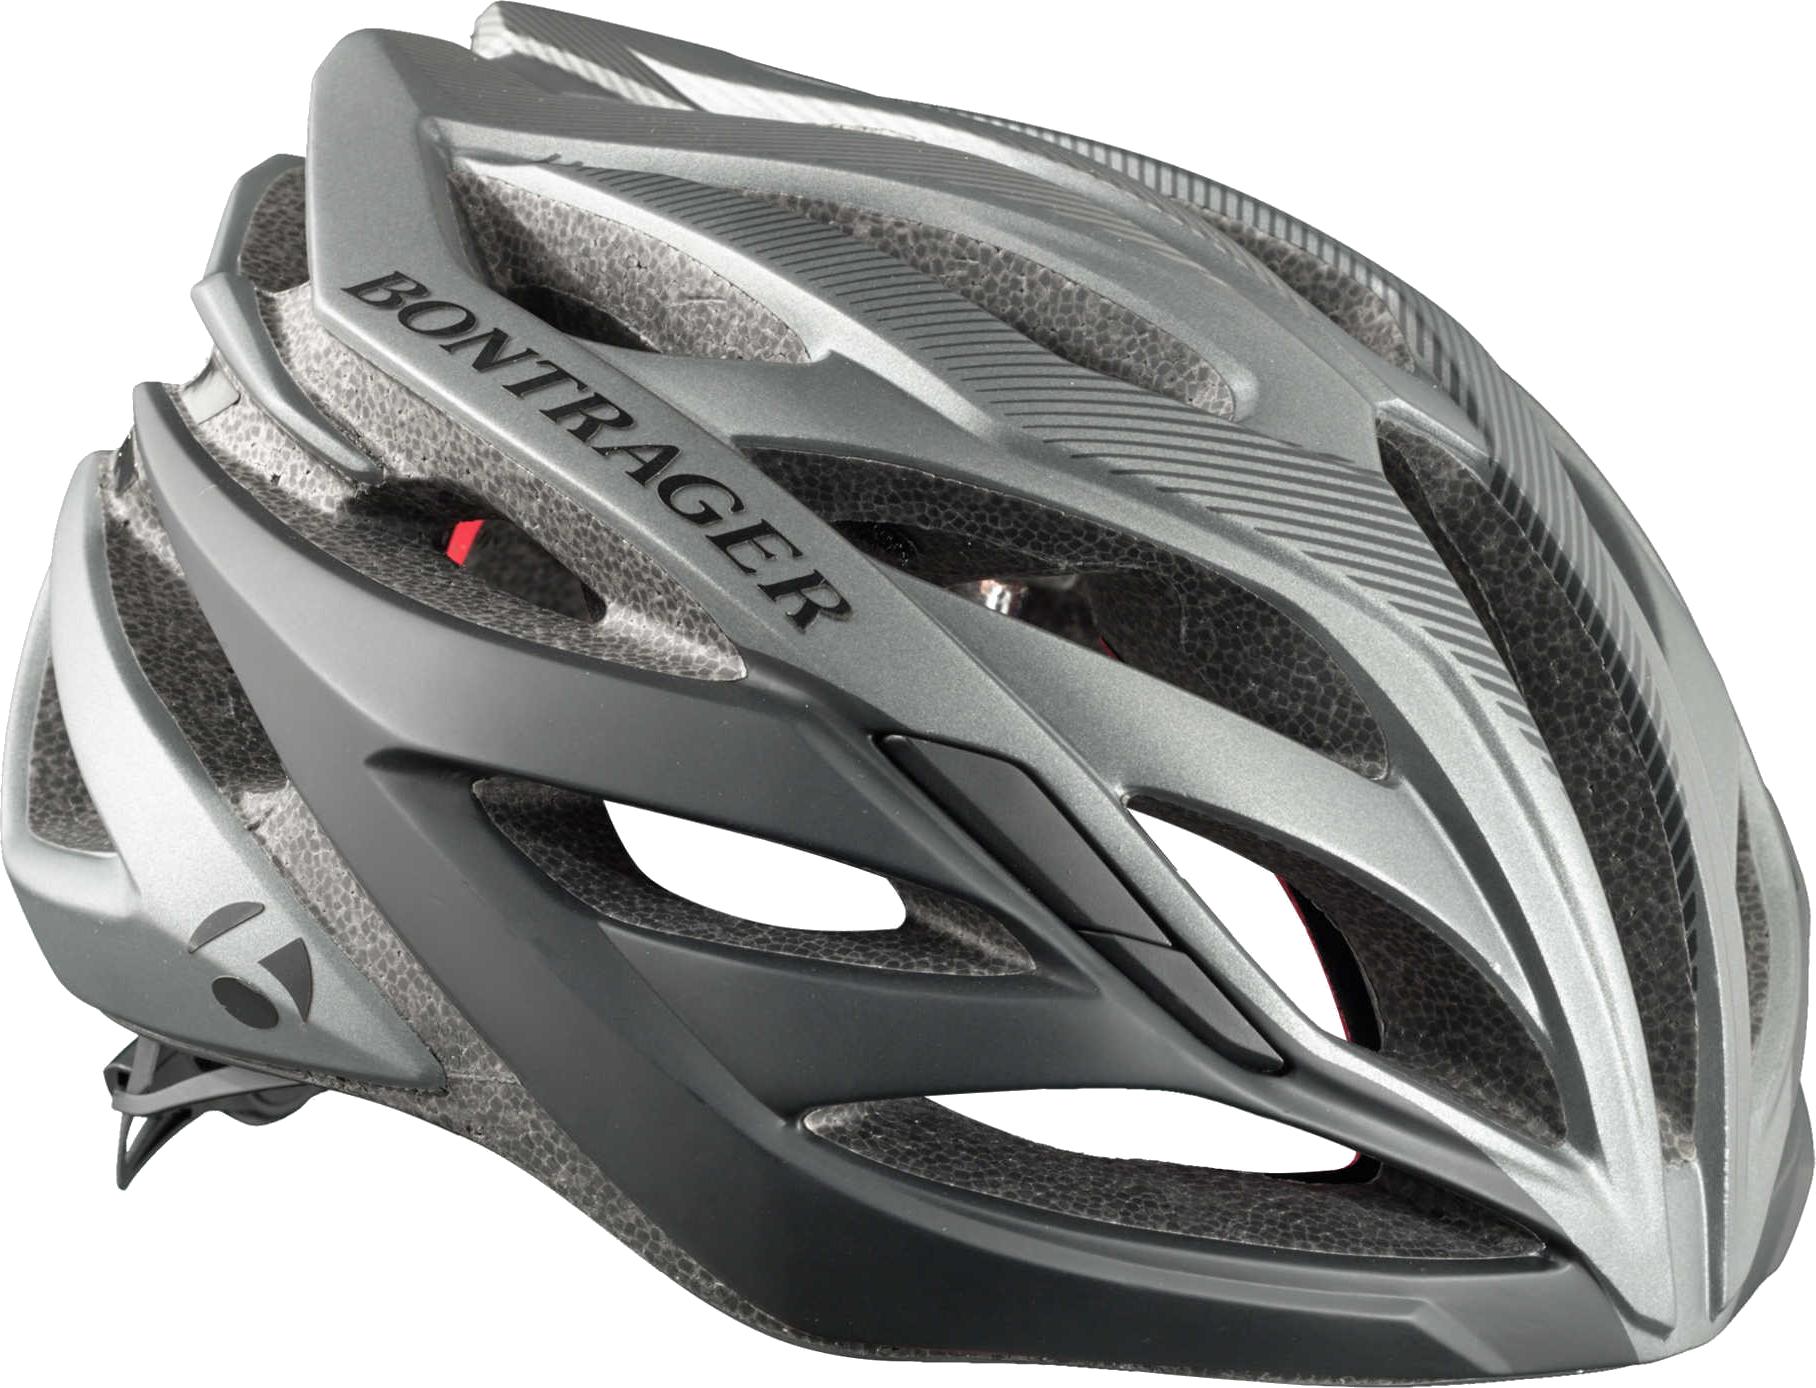 Bicycle Helmet Png Image Bike Helmet Helmet Bicycle Helmet